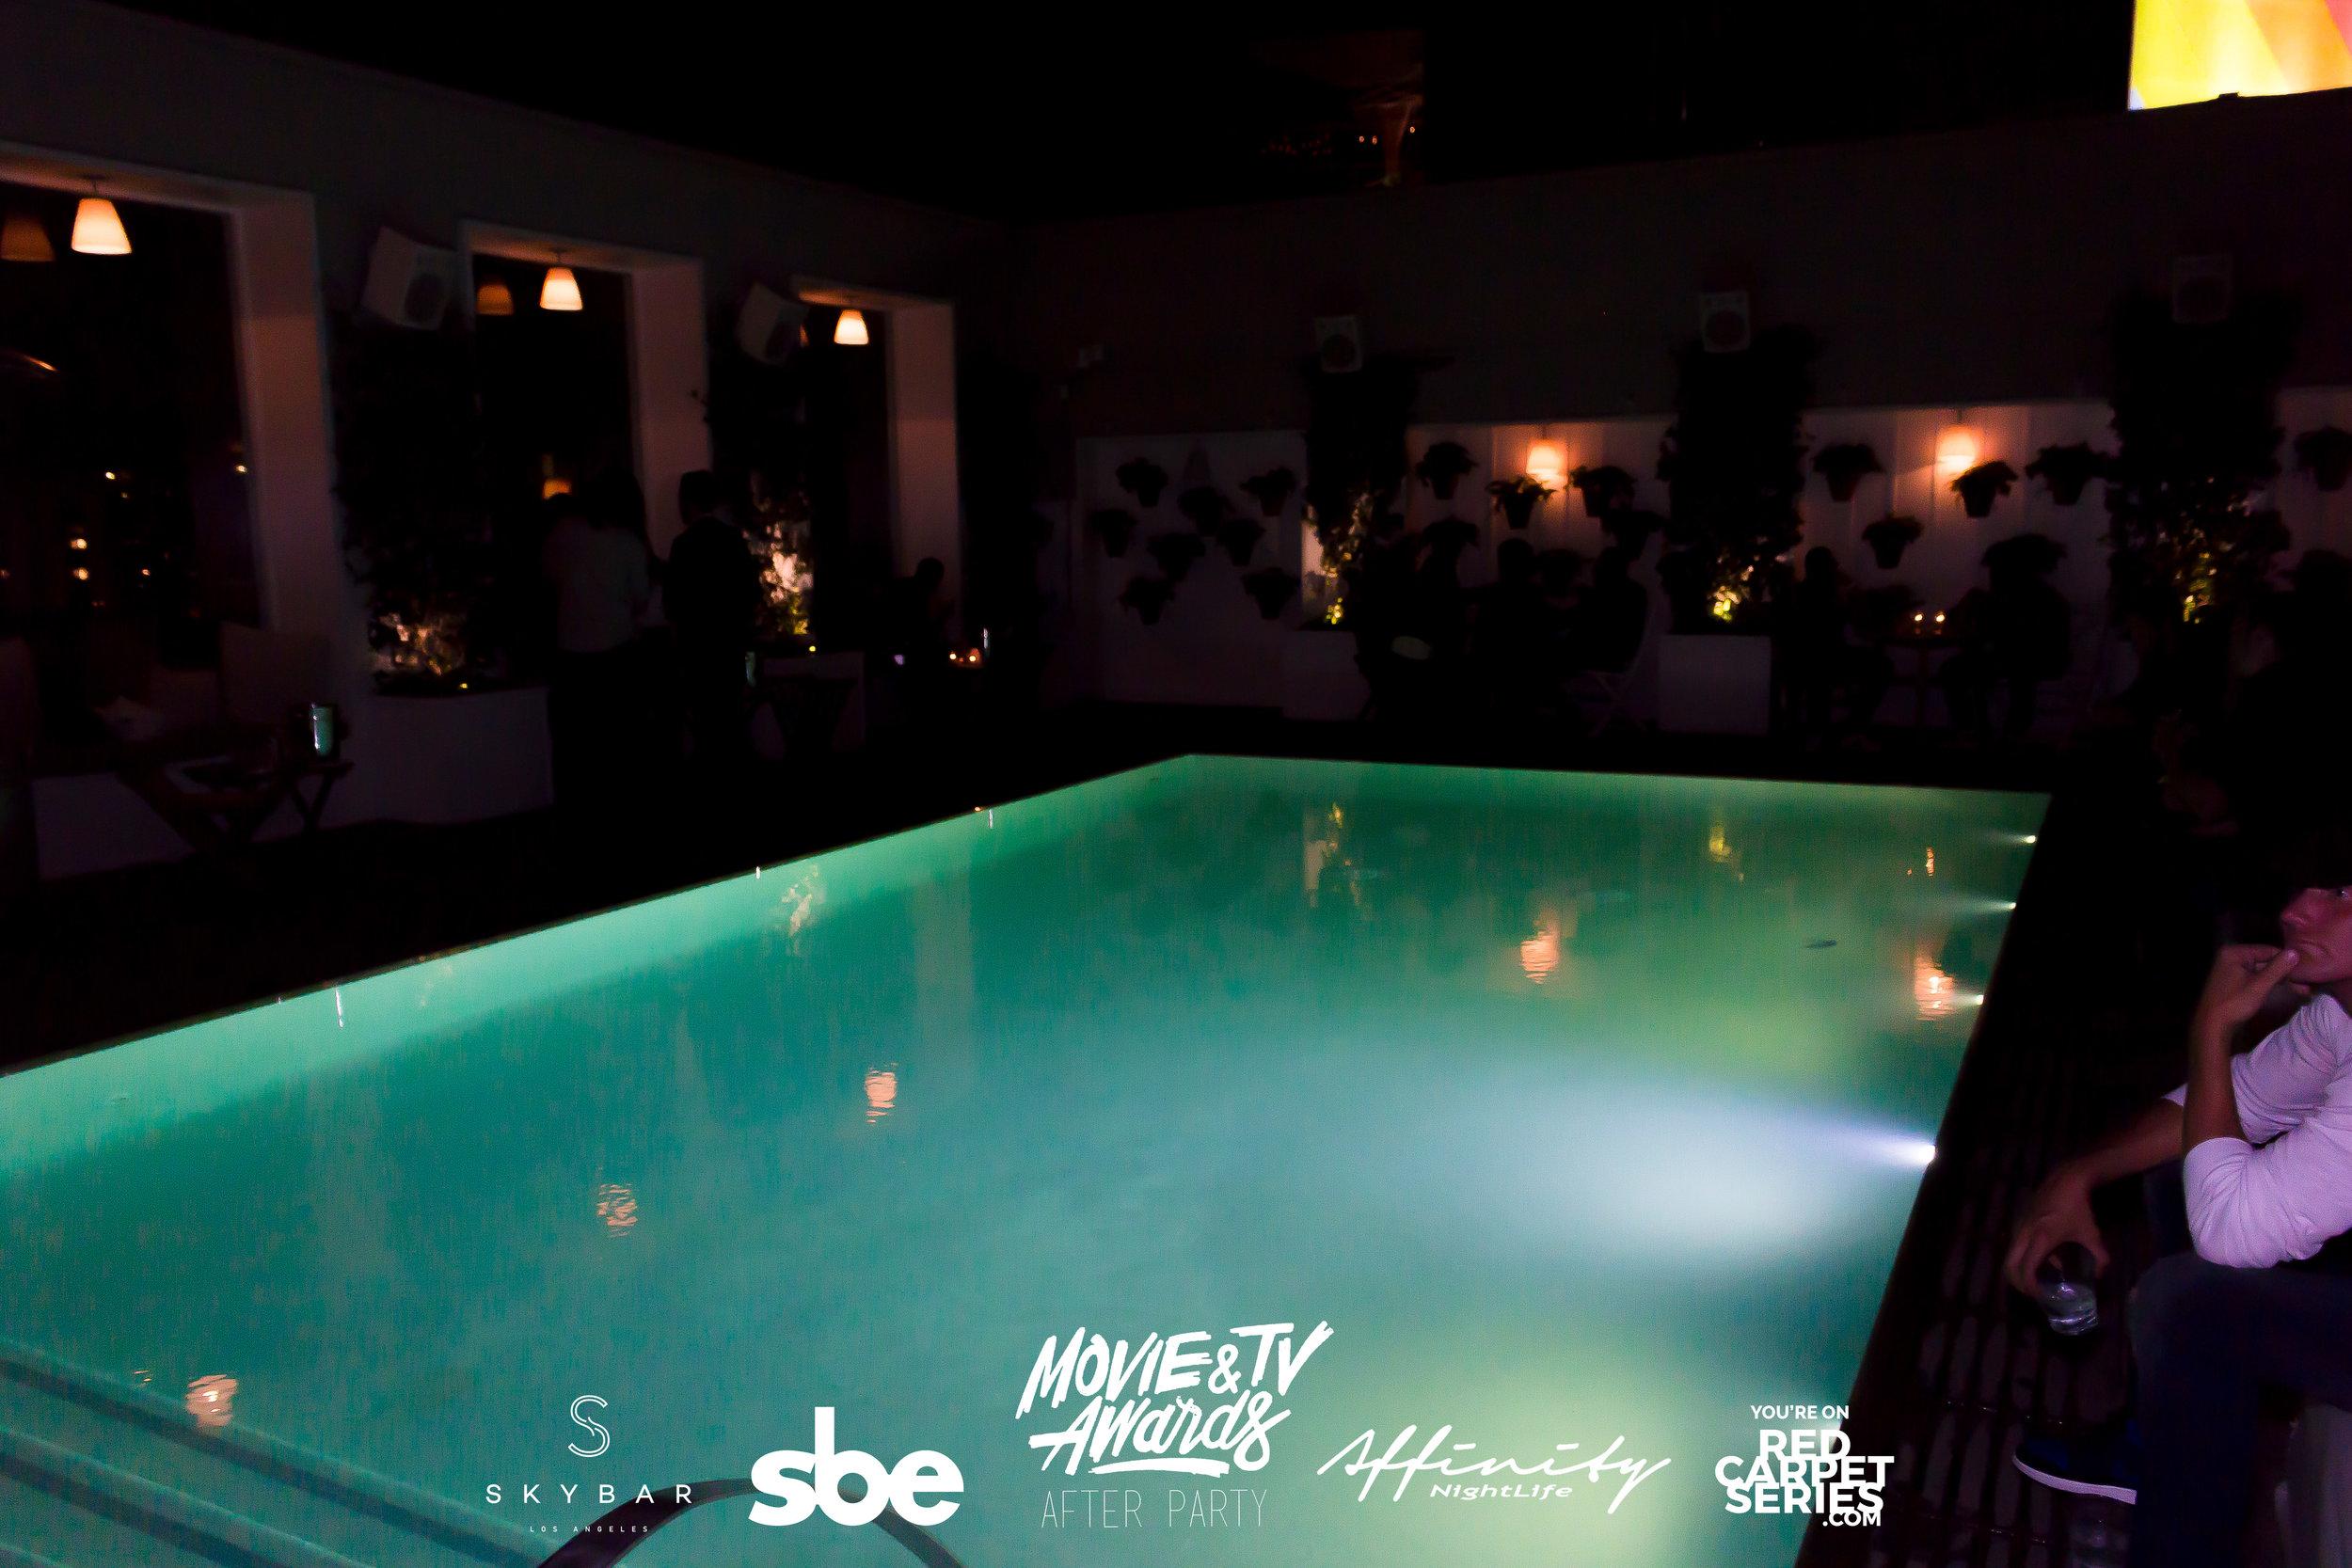 Affinity Nightlife MTV Movie & TV Awards After Party - Skybar at Mondrian - 06-15-19 - Vol. 2_140.jpg